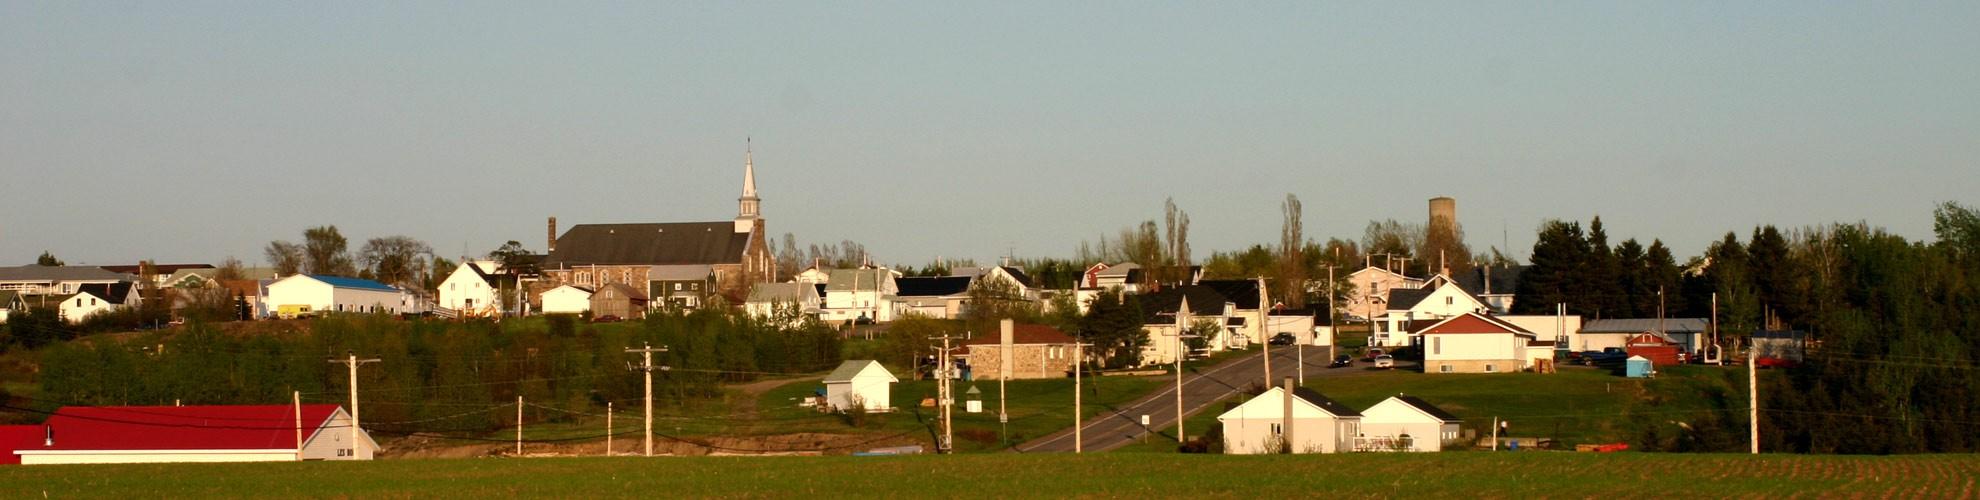 Héro - Village